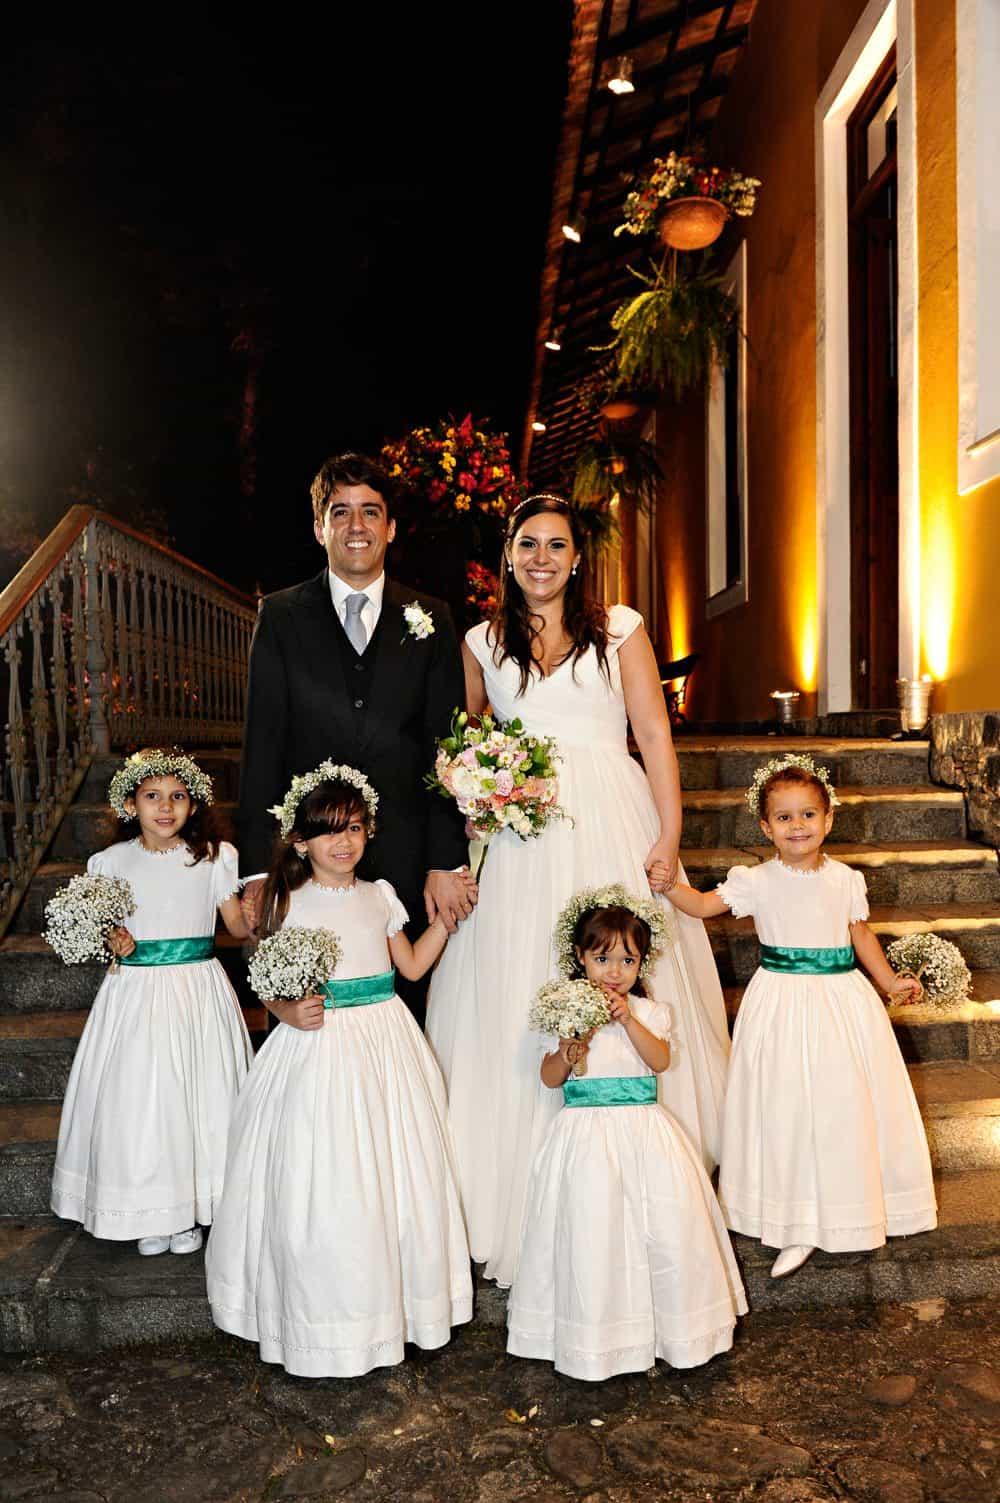 casamento-real-mariana-e-vinicius-caseme-8-1